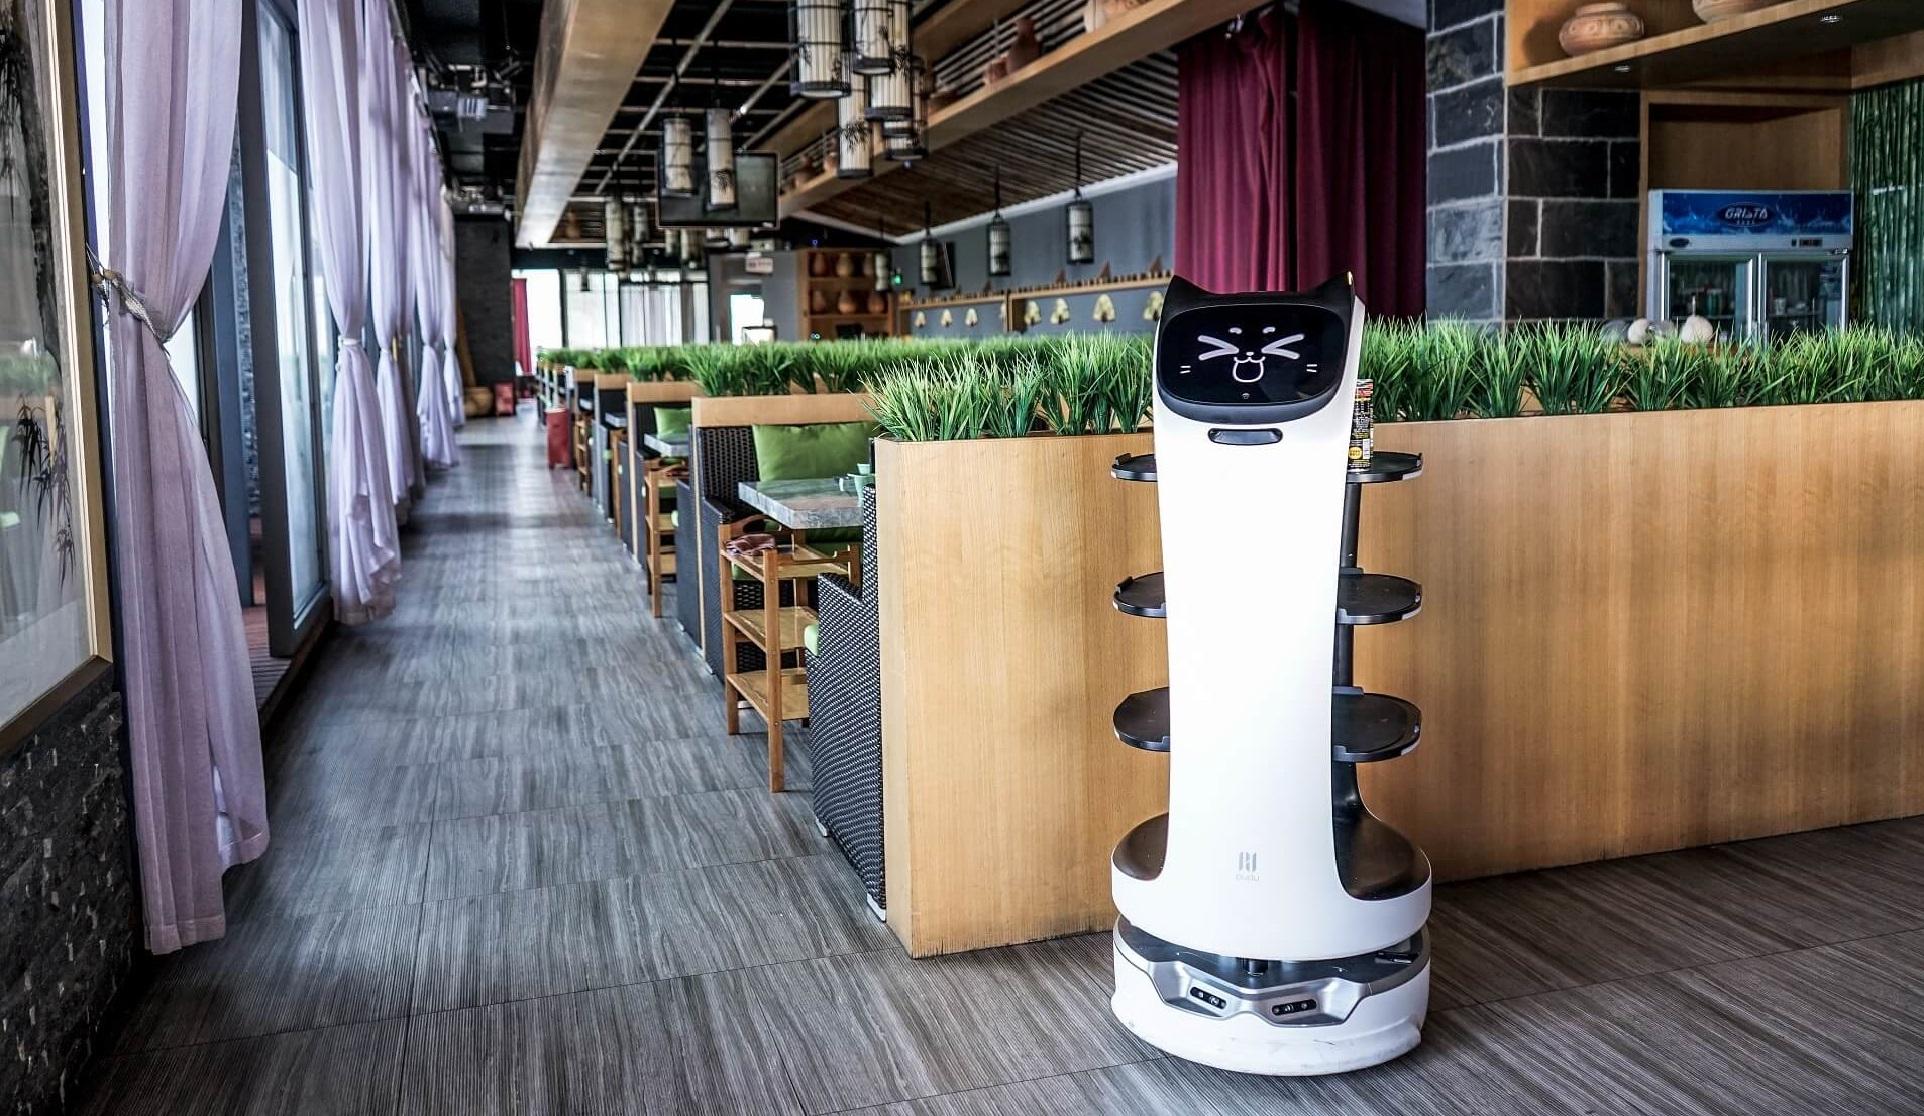 Was spricht für den Einsatz von Robotern in der Gastronomie?